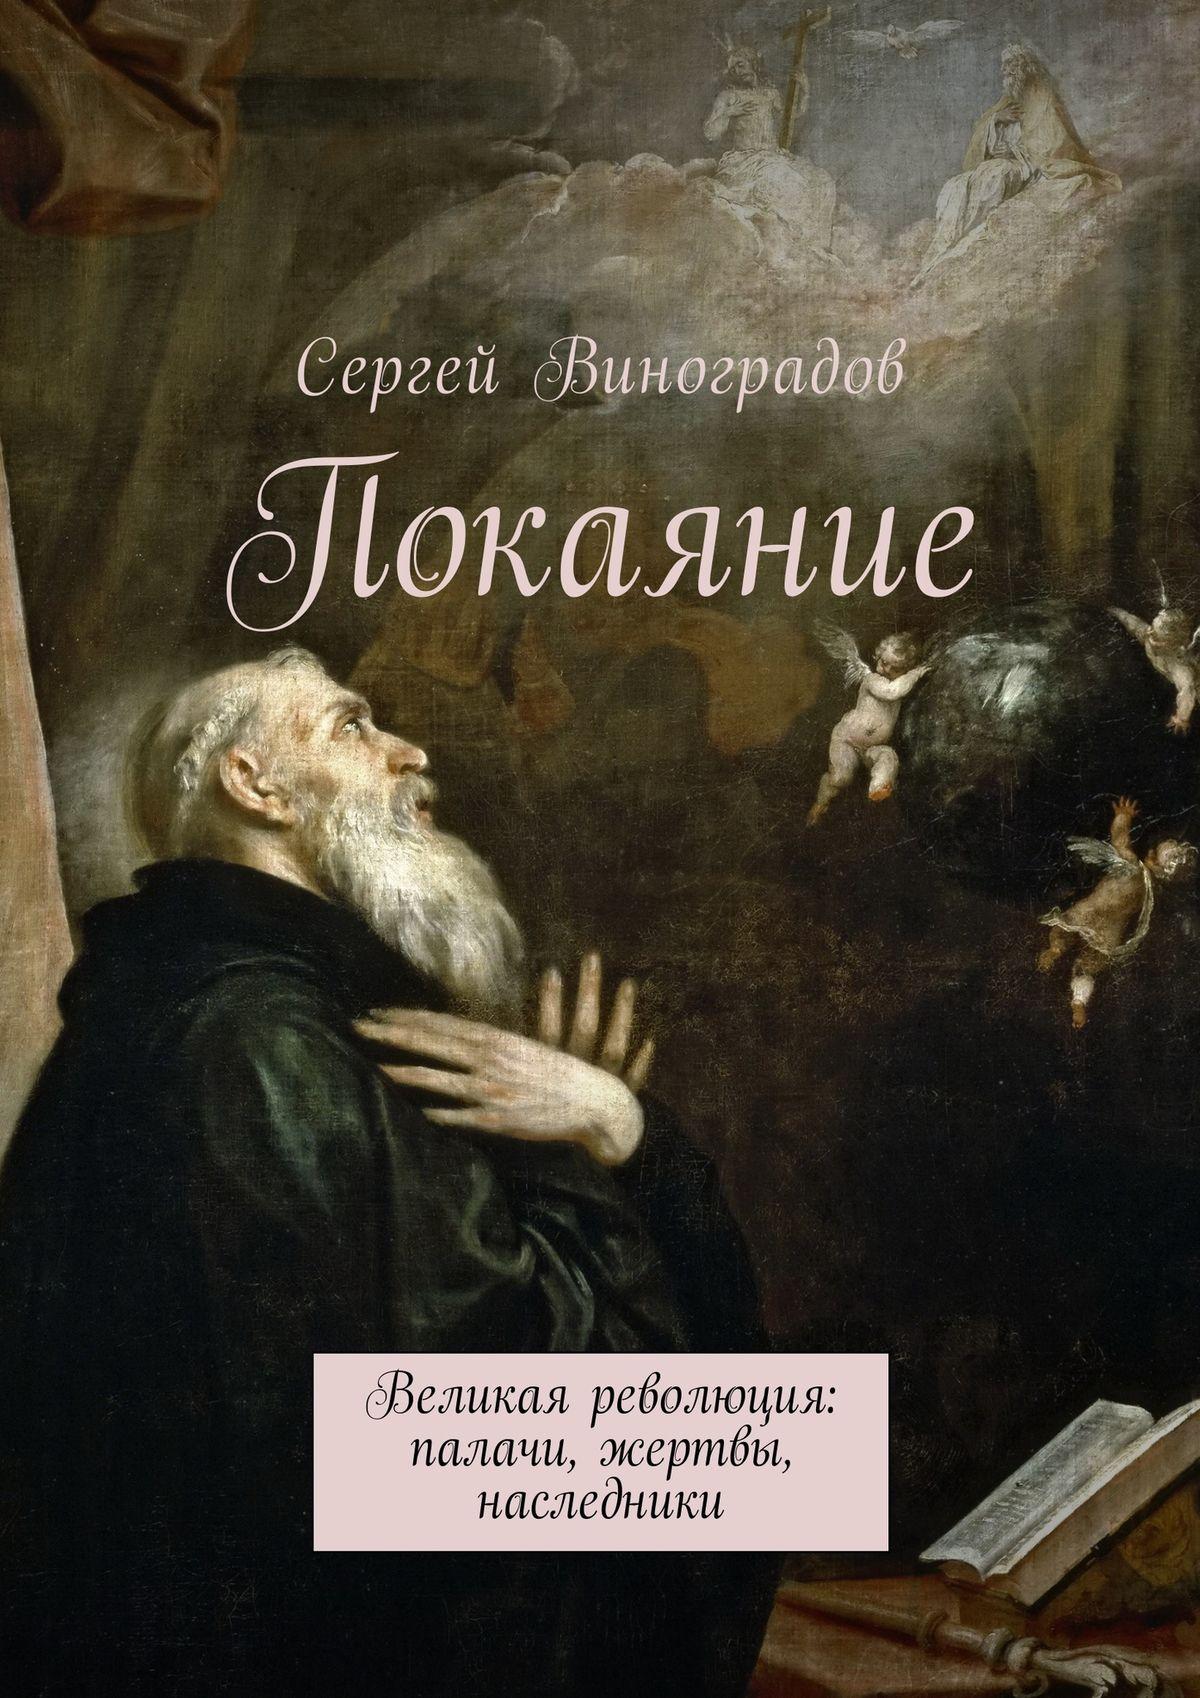 Сергей Виноградов Покаяние. Великая революция: палачи, жертвы, наследники